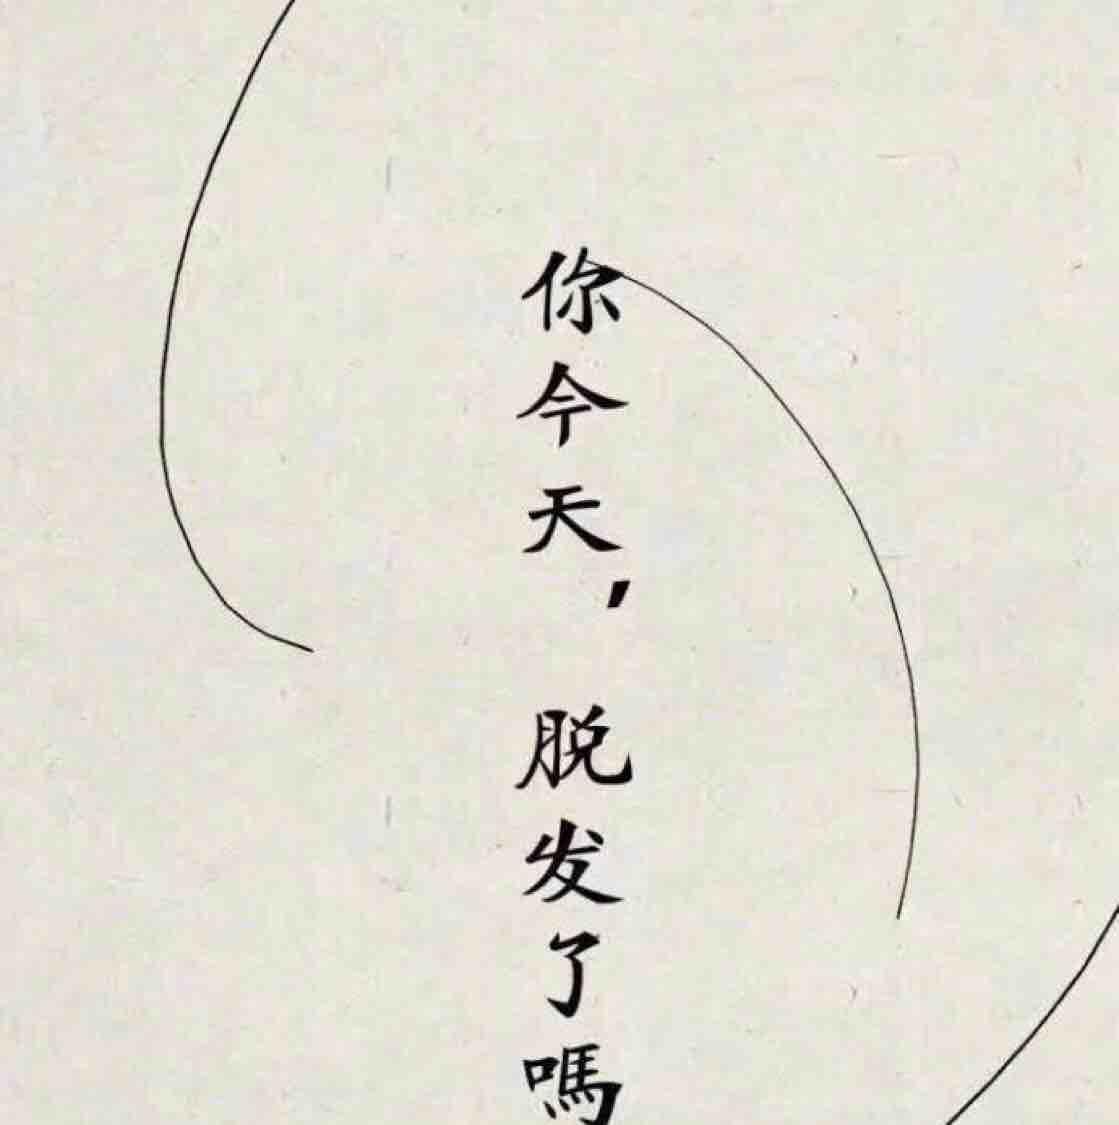 魏什麽1025